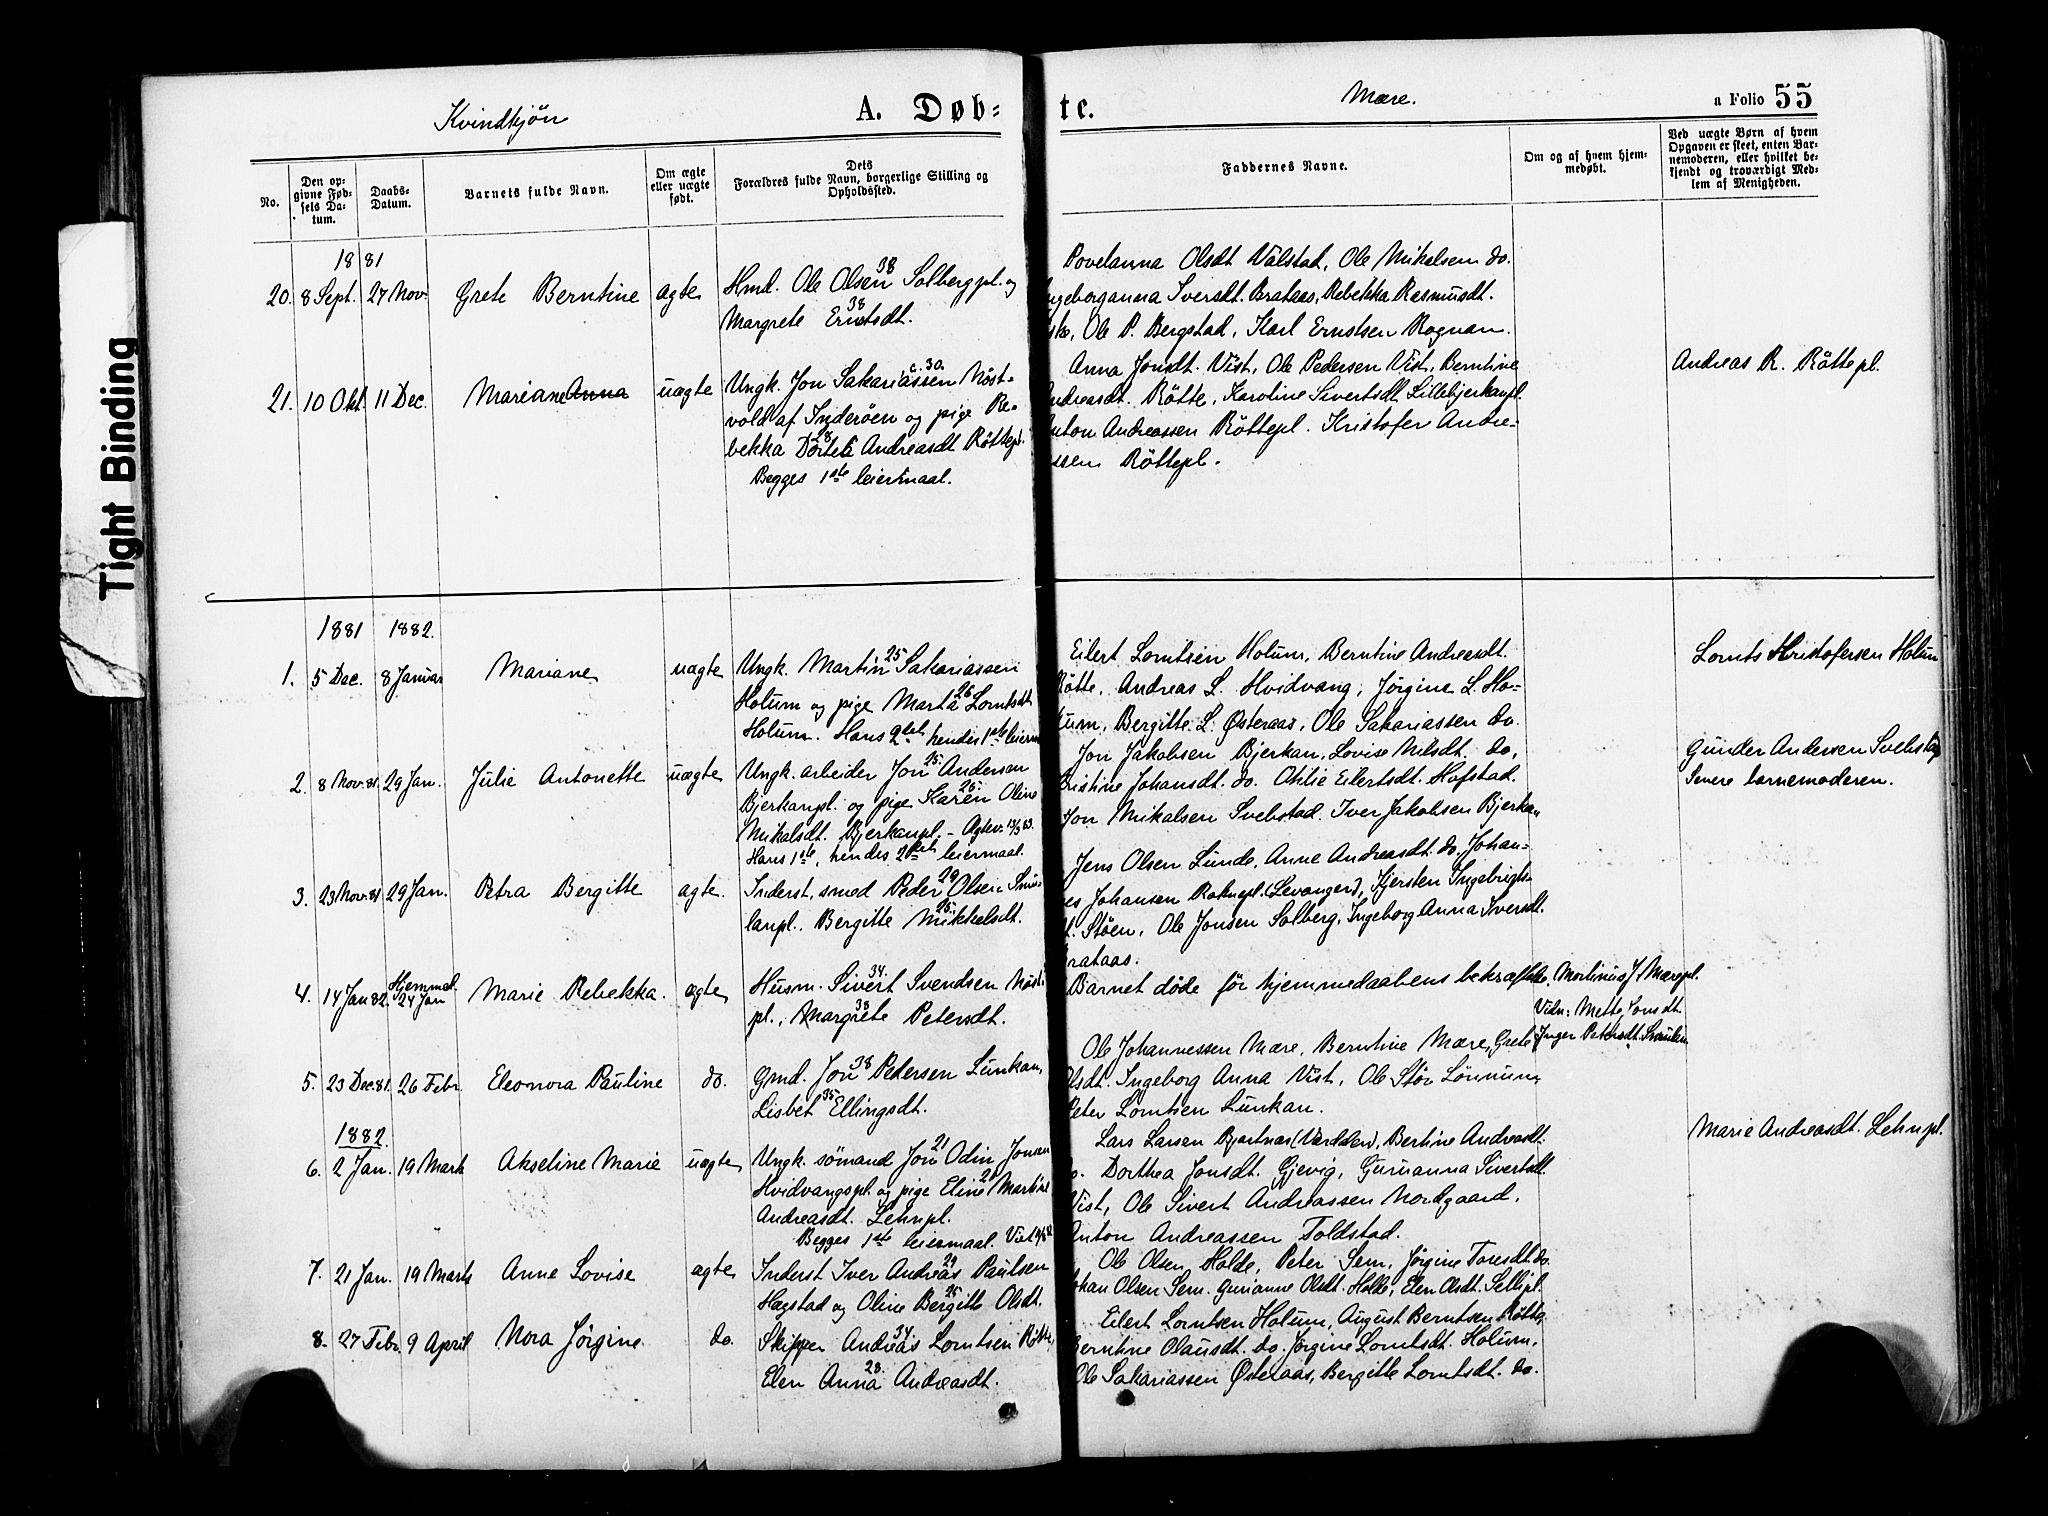 SAT, Ministerialprotokoller, klokkerbøker og fødselsregistre - Nord-Trøndelag, 735/L0348: Ministerialbok nr. 735A09 /1, 1873-1883, s. 55